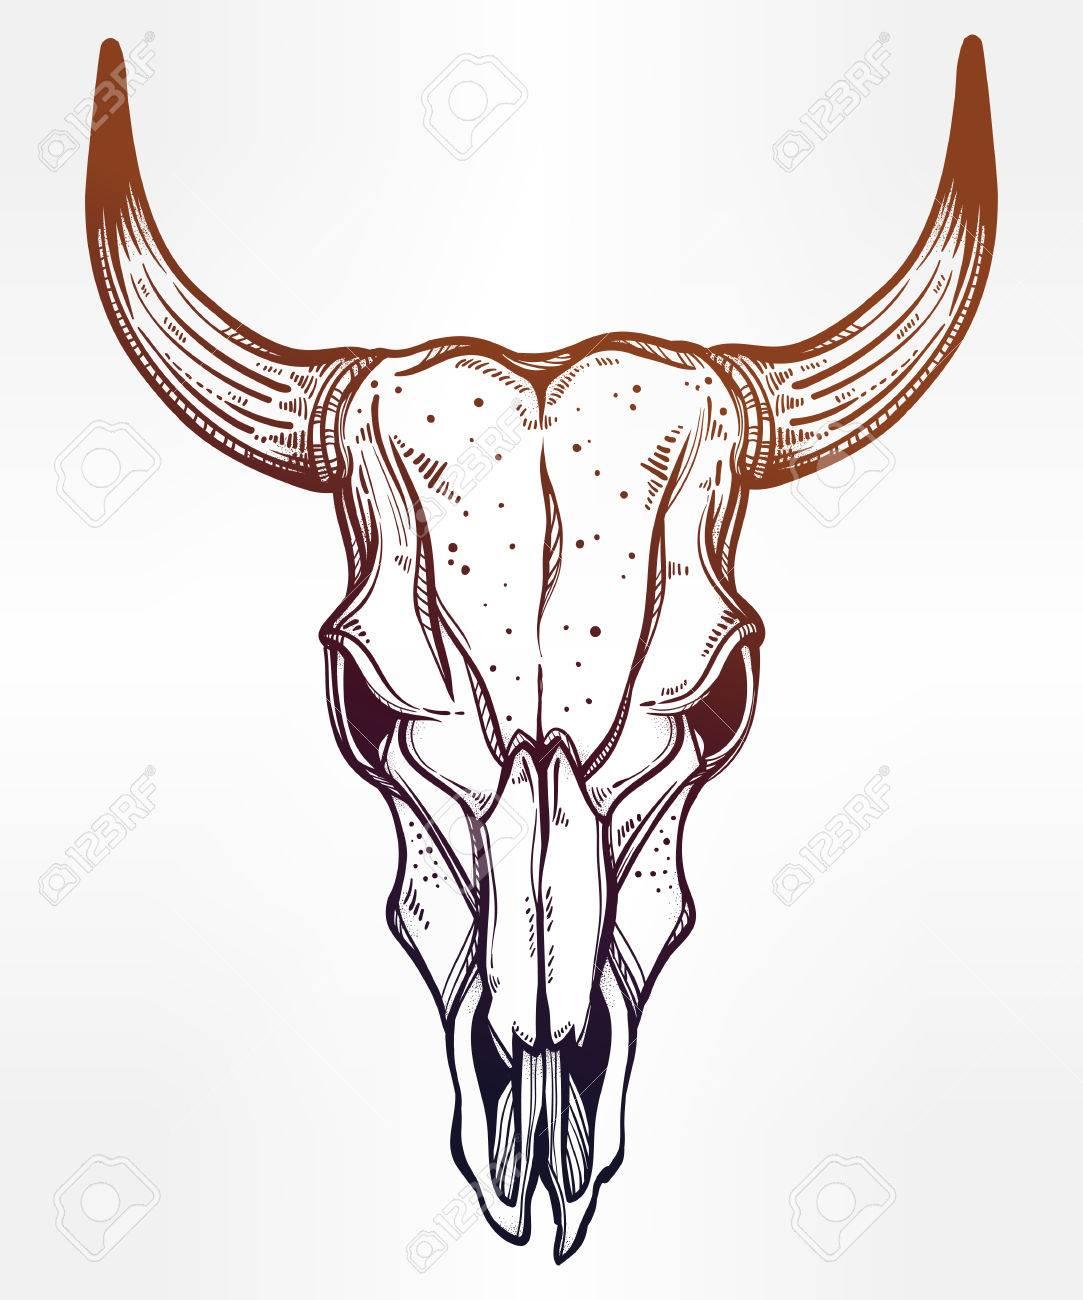 Bull Skull Clipart : skull, clipart, Cattle, Skull, Drawing, GetDrawings, Download